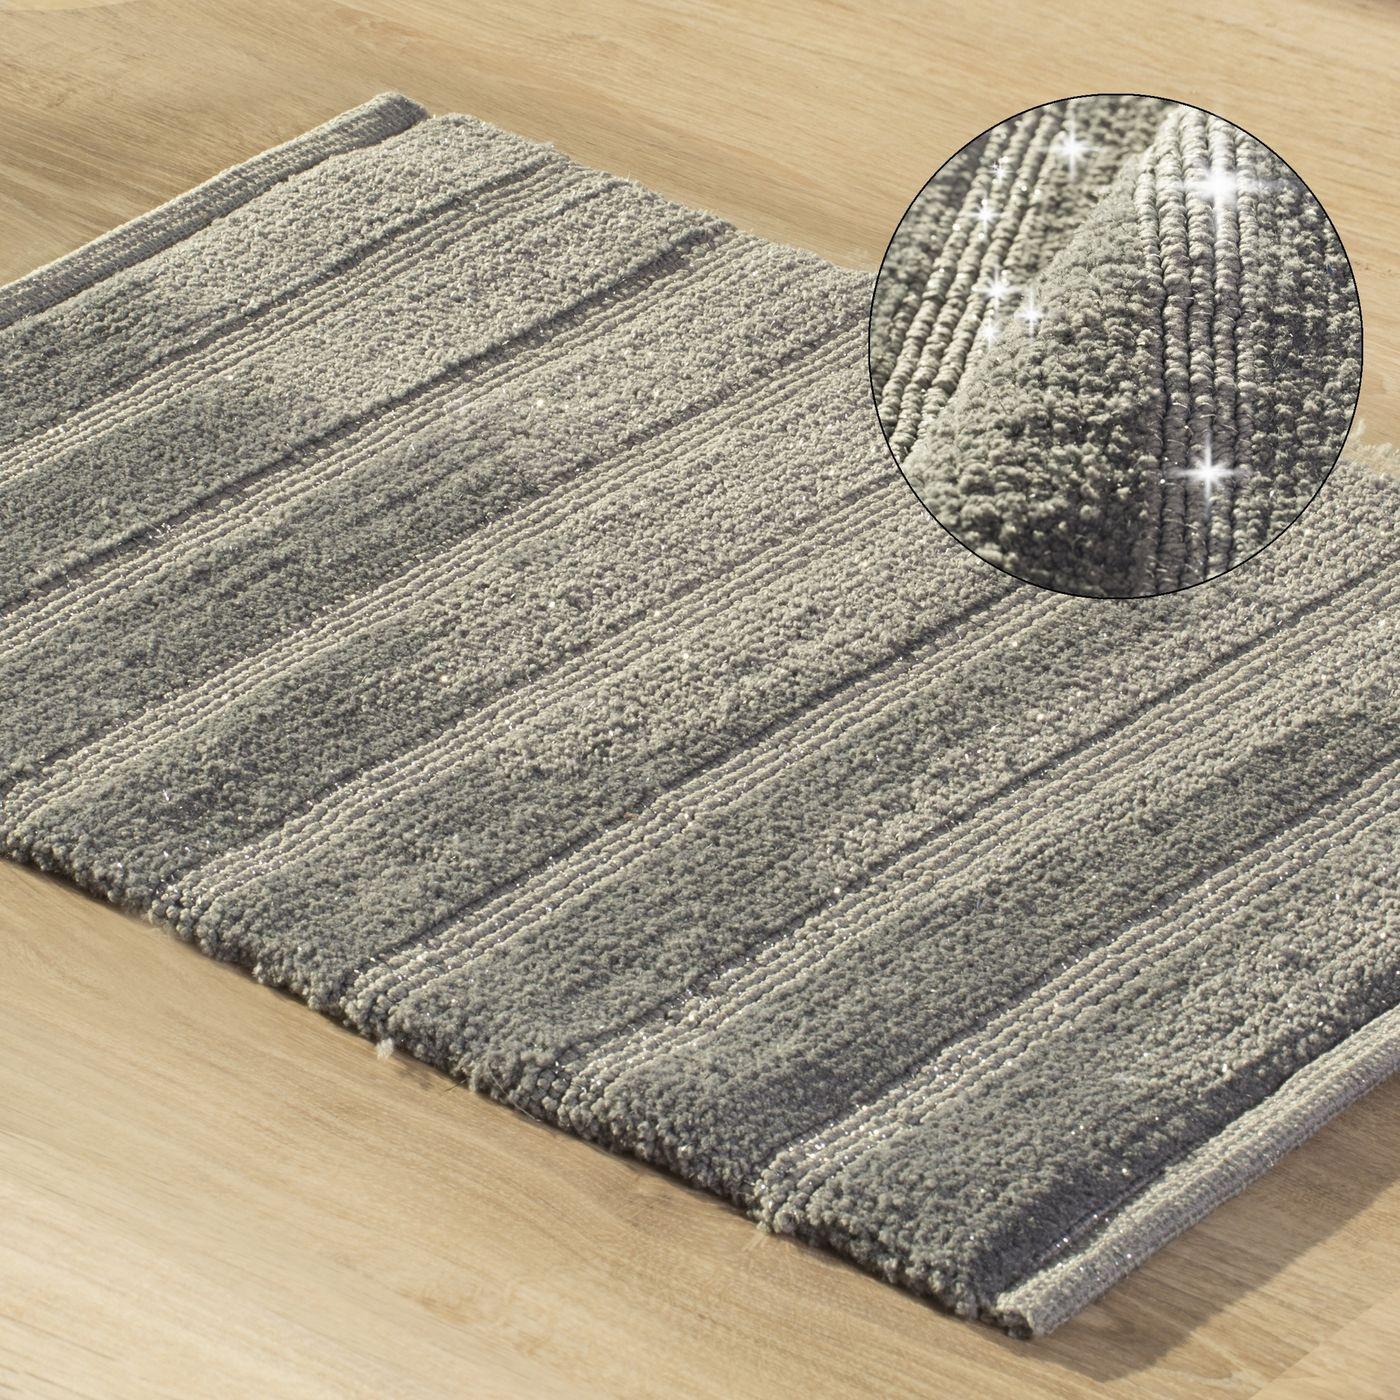 Łazienkowy dywanik w paski splot pętelkowy grafit 50x70 cm